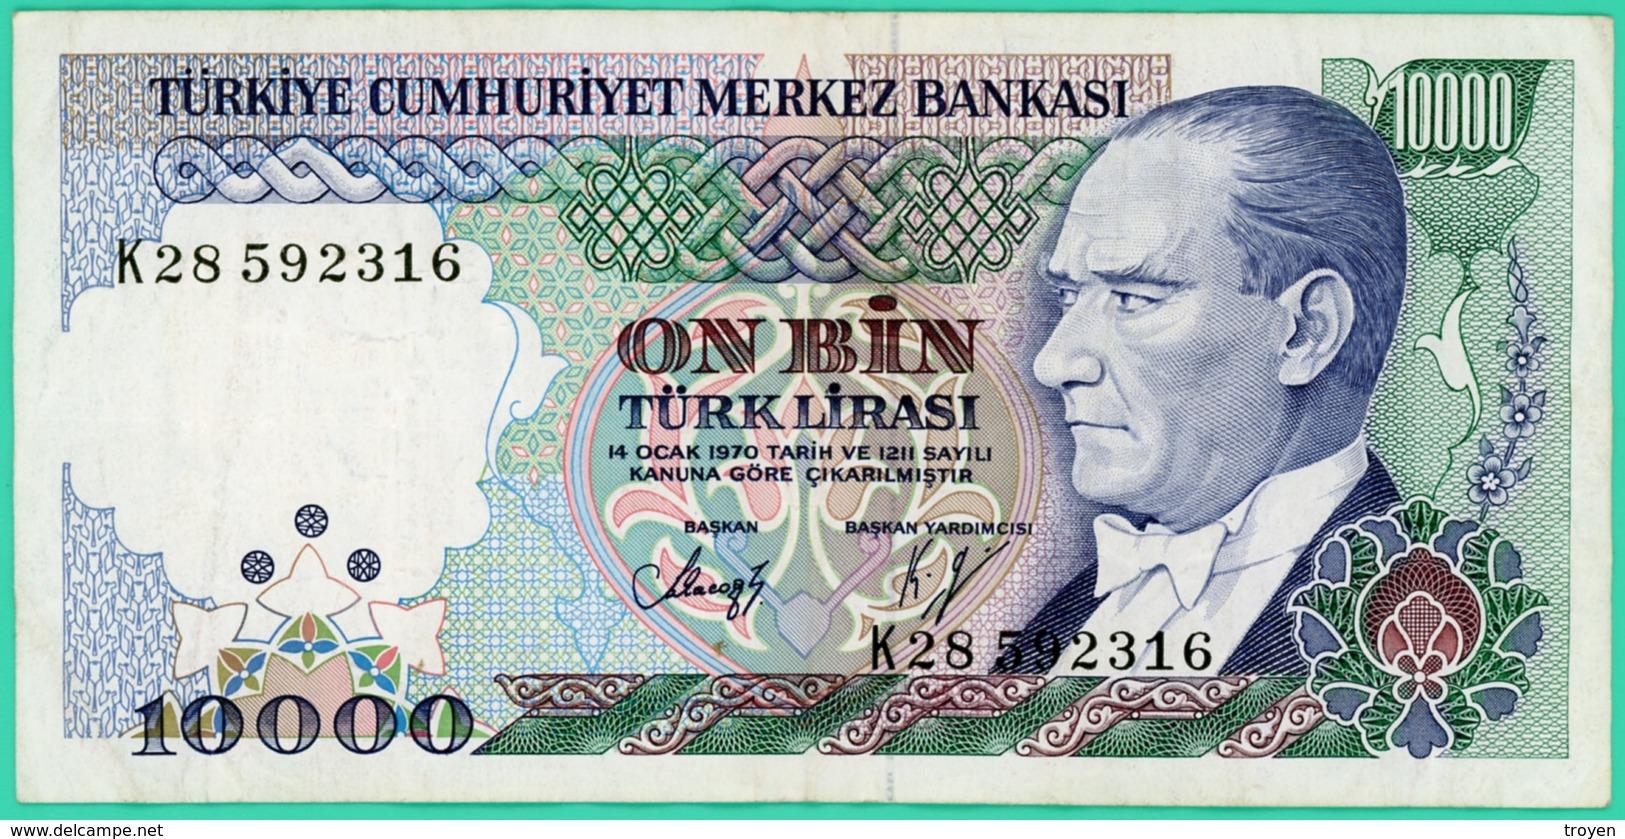 10000 Lirasi - Turquie - N° K28592316 -  TTB+- 1970 - - Turquie